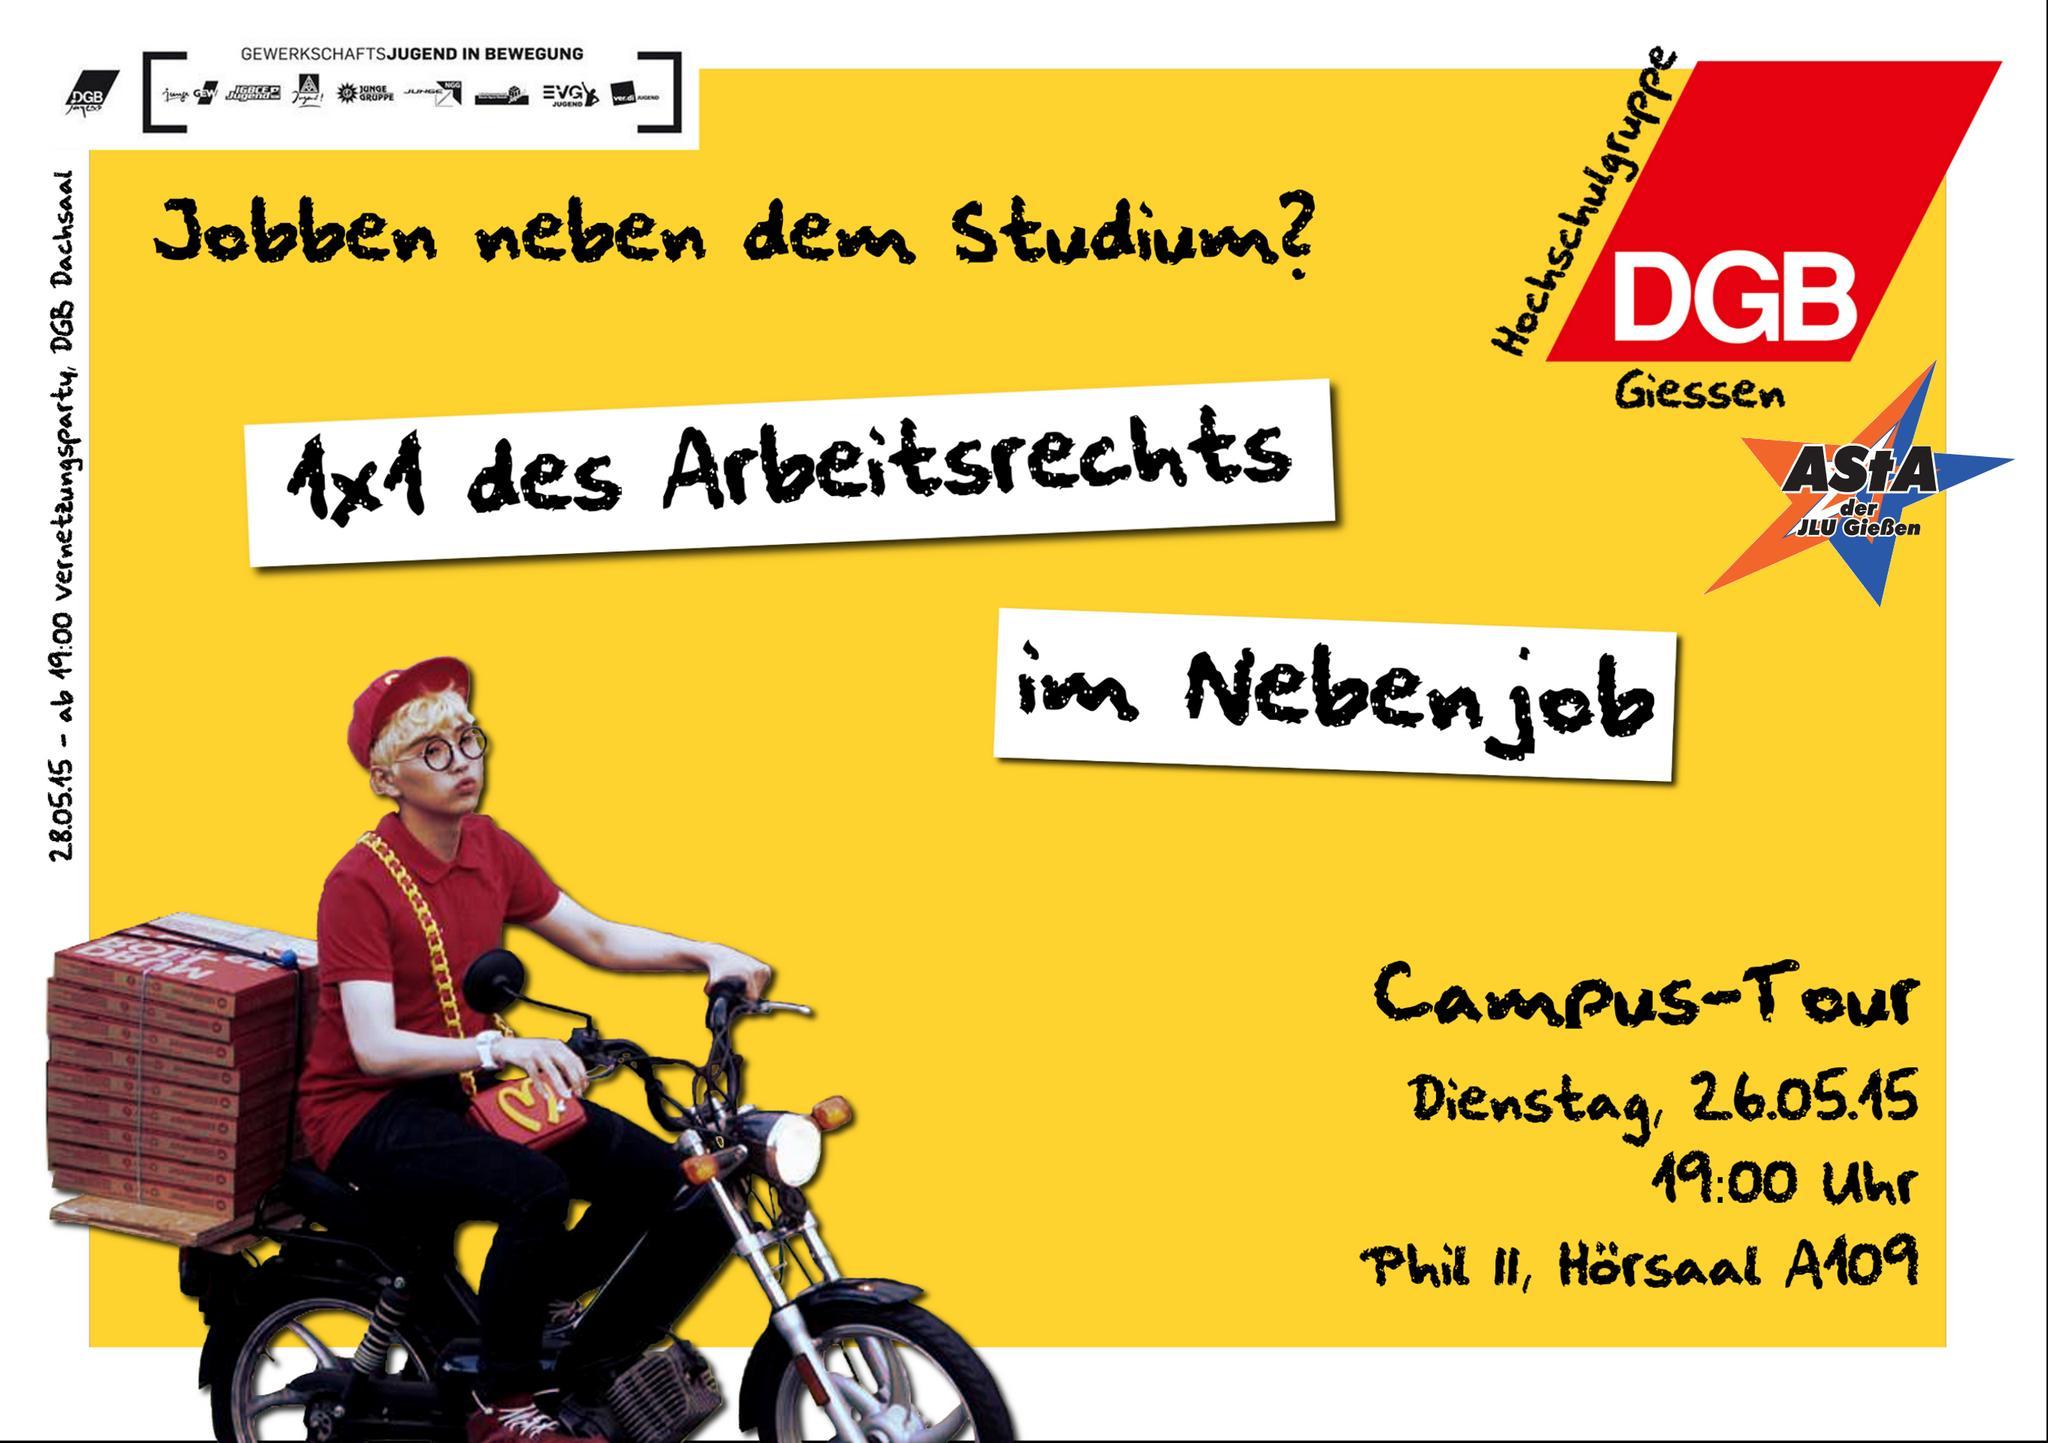 Campus Tour Flyer 2